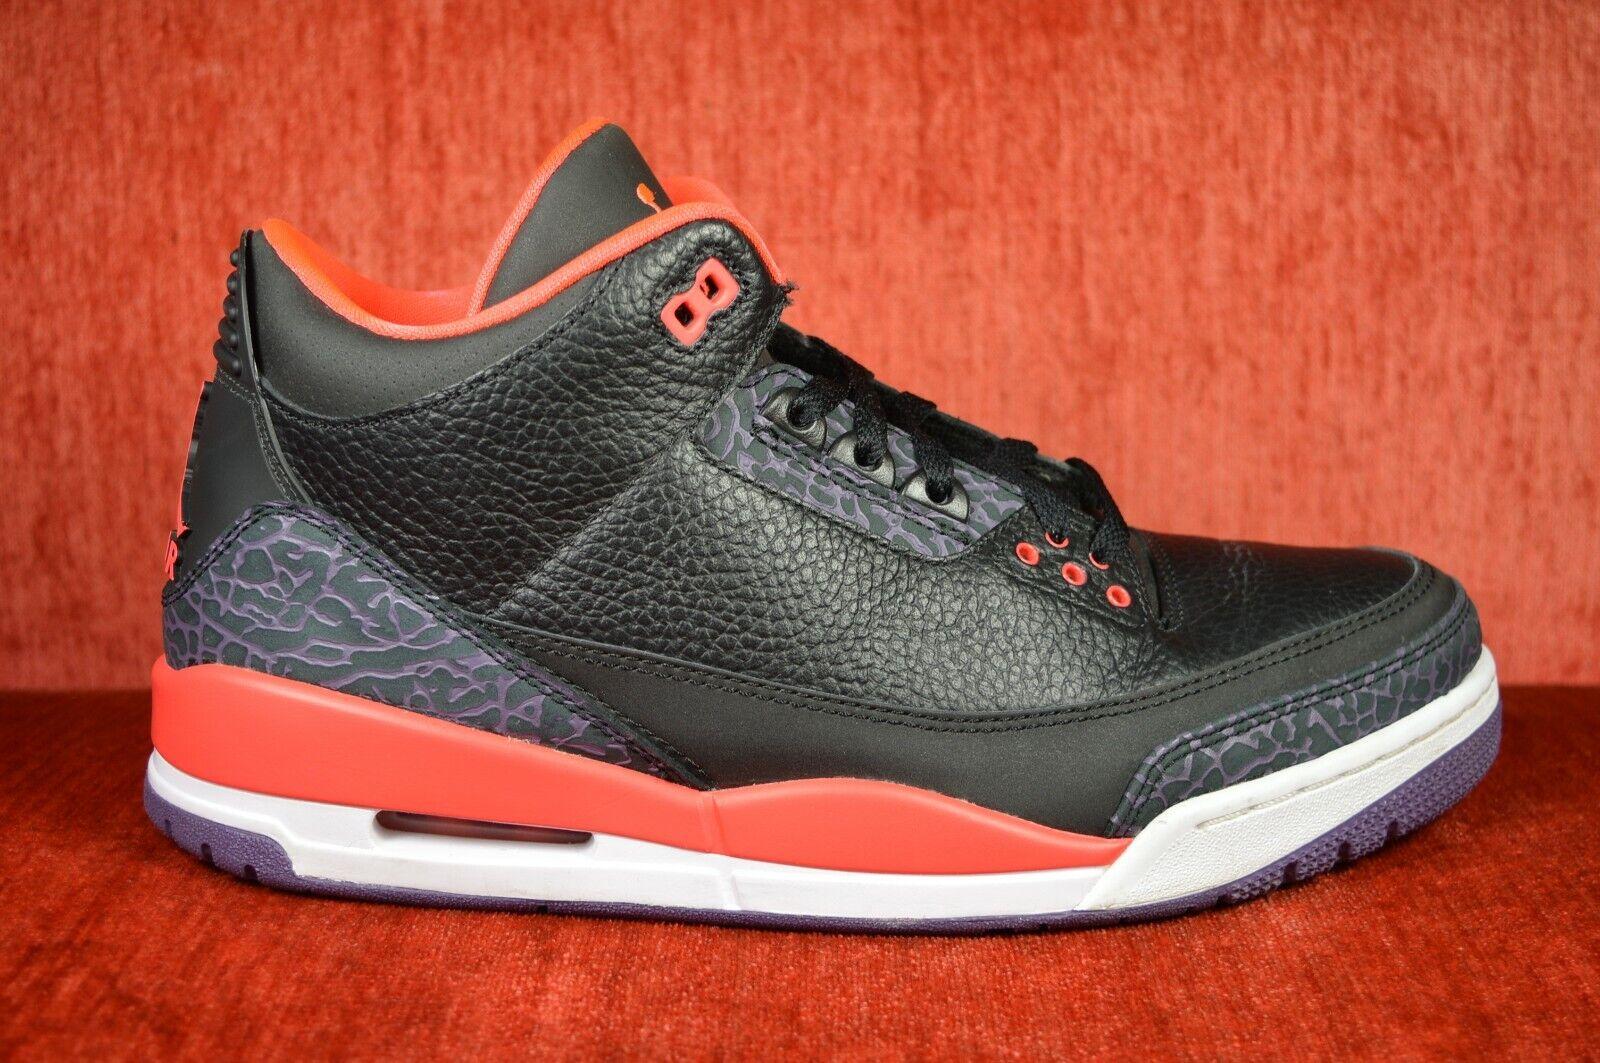 CLEAN Air Jordan Jordan Jordan 3 Retro nero Bright Crimson viola Dimensione 11 2012 136064 005 a8b3c4